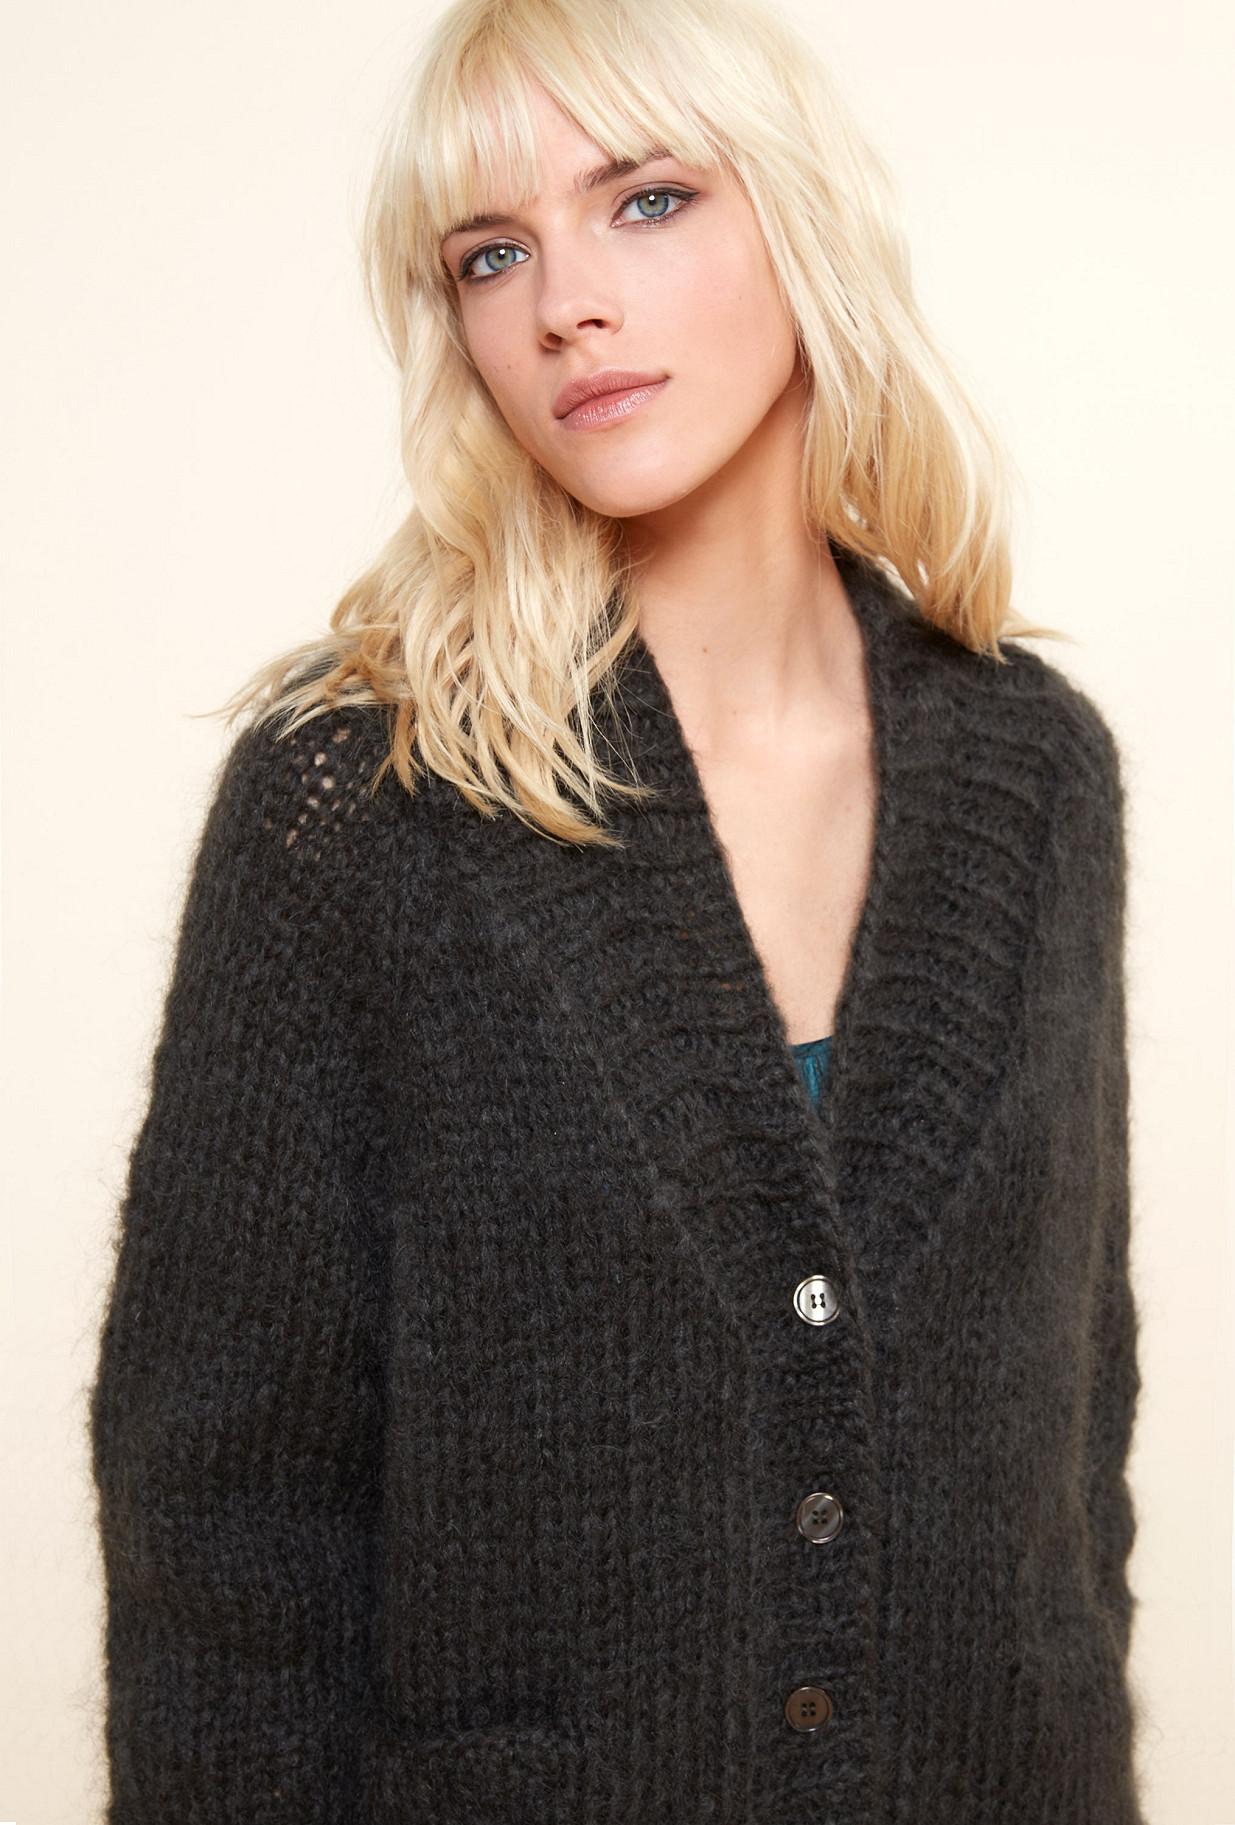 Khaki  Knit  Jecko Mes demoiselles fashion clothes designer Paris